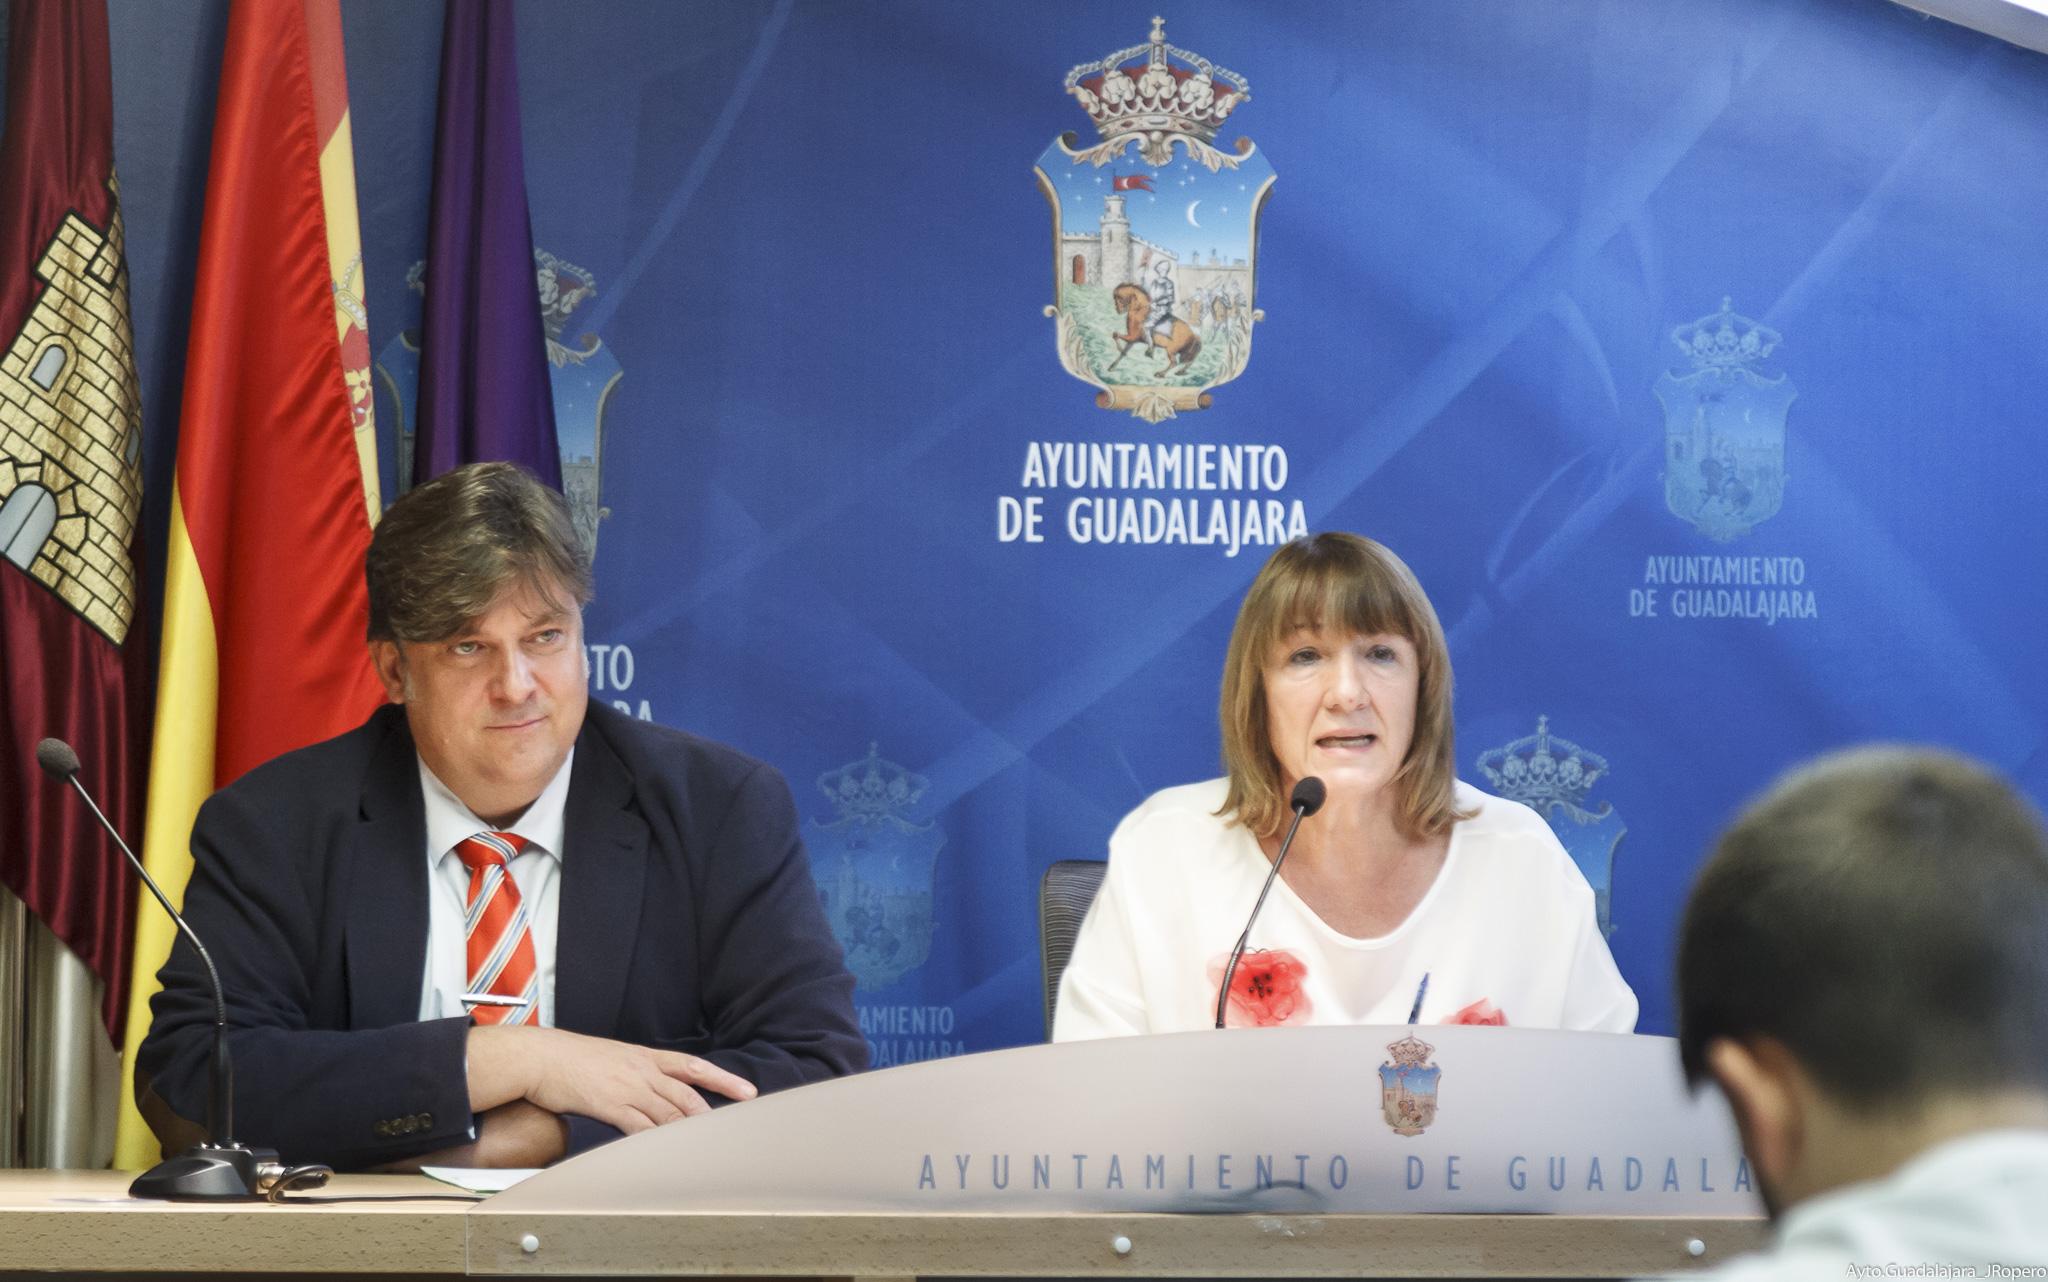 La Junta de Gobierno destina 145.000 euros a becas para escuelas infantiles y para material escolar no curricular